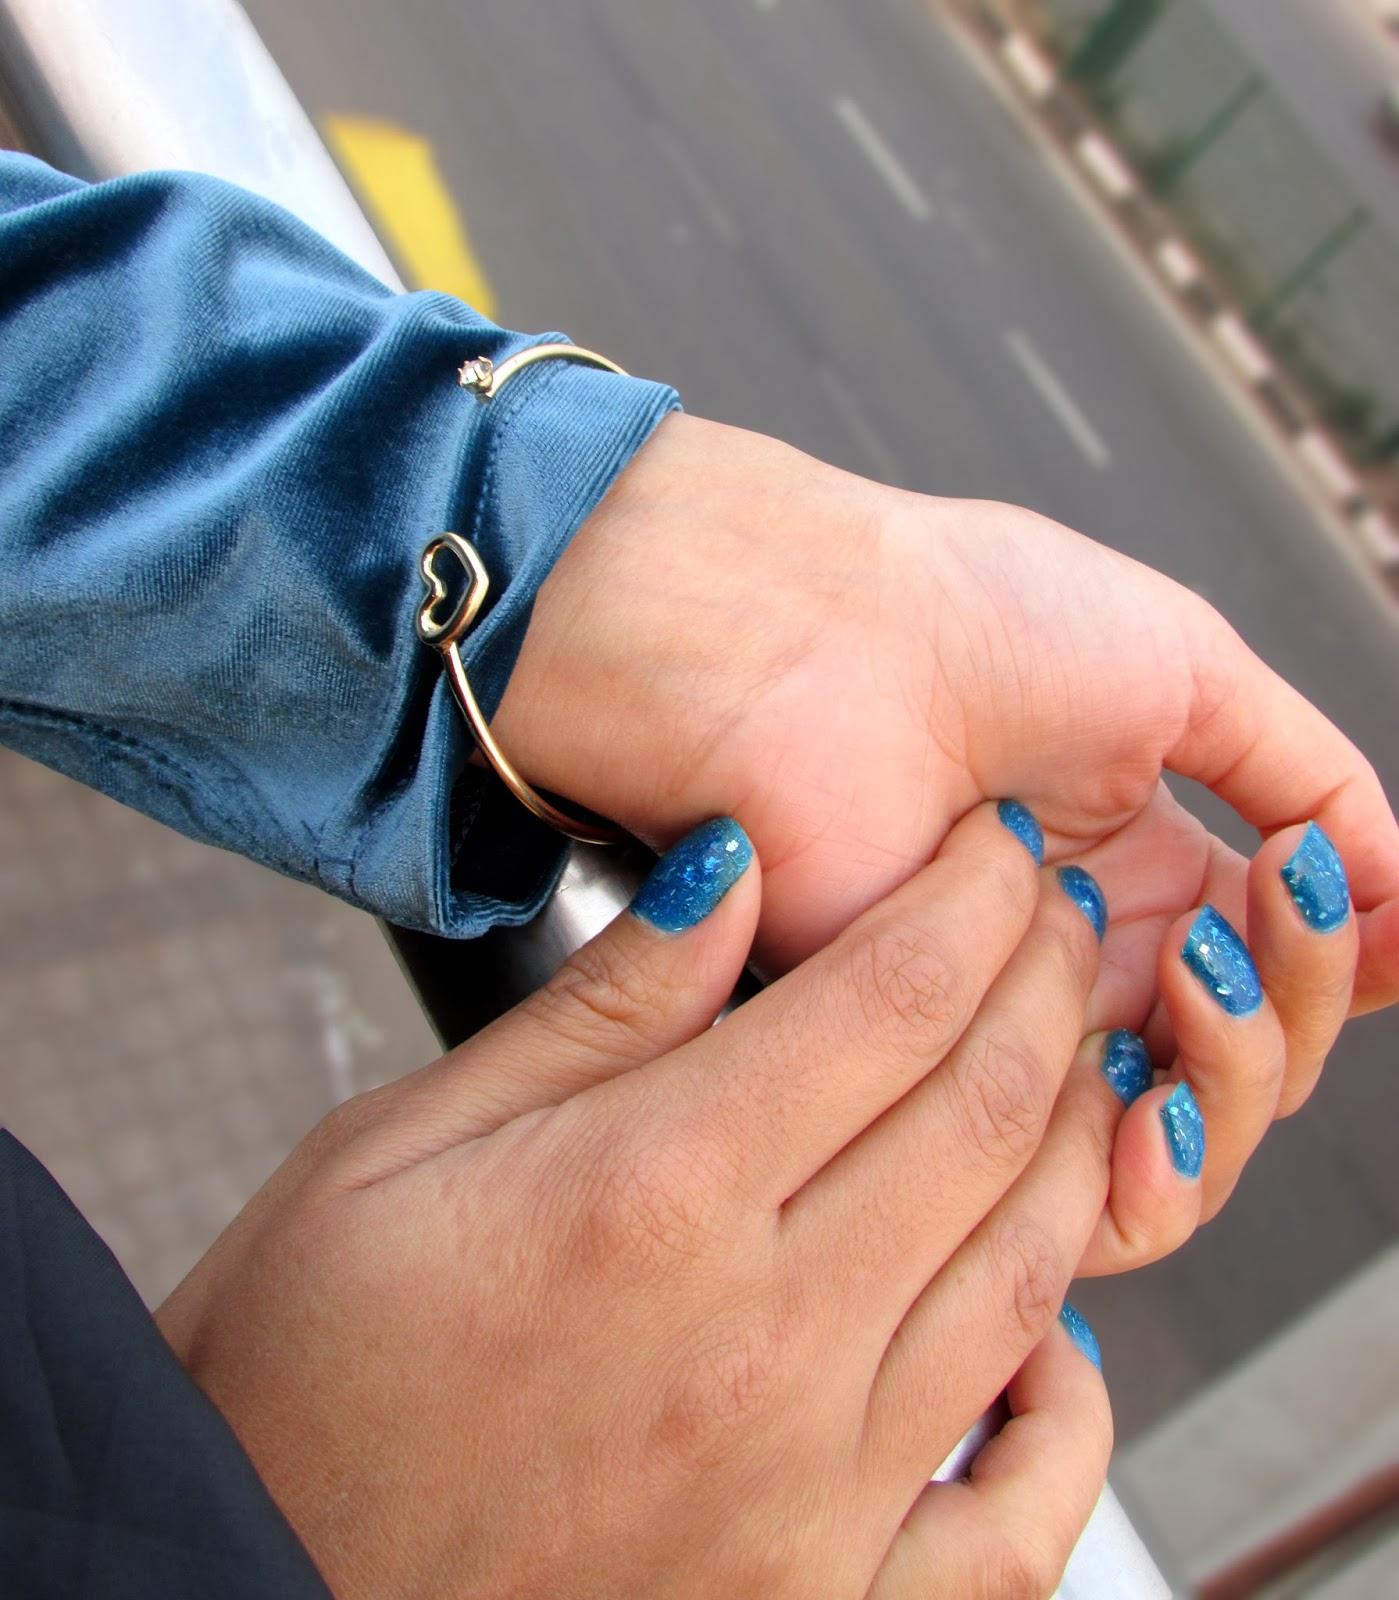 Velvet, velvet top, velvet skirt, velvet dress, velvet clothes, velvet jacket, velvet coat, velvet skater skirt, velvet full sleeves top, velvet tshirt , velvet shirt, Blue Velvet, blue velvet top, blue velvet skirt, blue velvet dress, blue velvet clothes,blue velvet jacket, blue velvet coat, blue velvet skater skirt, blue velvet full sleeves top, blue velvet tshirt , blue velvet shirt, FrontRowshop Velvet, FrontRowshop velvet top, FrontRowshop velvet skirt, FrontRowshop velvet dress, FrontRowshop velvet clothes,FrontRowshop  velvet jacket, FrontRowshop velvet coat, FrontRowshop velvet skater skirt, FrontRowshop velvet full sleeves top, FrontRowshop velvet tshirt , FrontRowshop velvet shirt,Velvet price , velvet top price, velvet skirtprice , velvet dress price , velvet clothes  price , velvet jacket price, velvet coat price, velvet skater skirt price, velvet full sleeves top price, velvet tshirt  price ,velvet shirtprice,Pants, snakes pants, fitted pants, printed smokey pants, printed fitted pants, geometric pants, geometric print, geometric print pants, geometric  smokey pants, geometric printed smokey trousers, smokey trousers, printed smokey trousers, trousers, pattern trousers, pattern pants, pattern bottoms, geometric pattern pants, geometric pattern trousers, silver trousers, silver pants, silver smokey pants, glittery pants, glittery silver pants,brocade , brocade pants, brocade trousers, brocade smokey pants, brocade fitted pants, brocade printed pants , brocade geometric pants, brocade geometric pattern pants, brocade geometric print pants, silver brocade pants, silver shinny brocade pants,Wishlist, clothes wishlist, persumall wishlist, frontrowshop, frontrowshop.com, frontrowshop.com wishlist, autumn wishlist,autumn frontrowshop wishlist, autumn clothes wishlist, autumn shoes wishlist, autumn bags wishlist, autumn boots wishlist, autumn pullovers wishlist, autumn cardigans wishlist, autymn coats wishlist, frontrowshop clothes wishlist, frontrowshop bags w